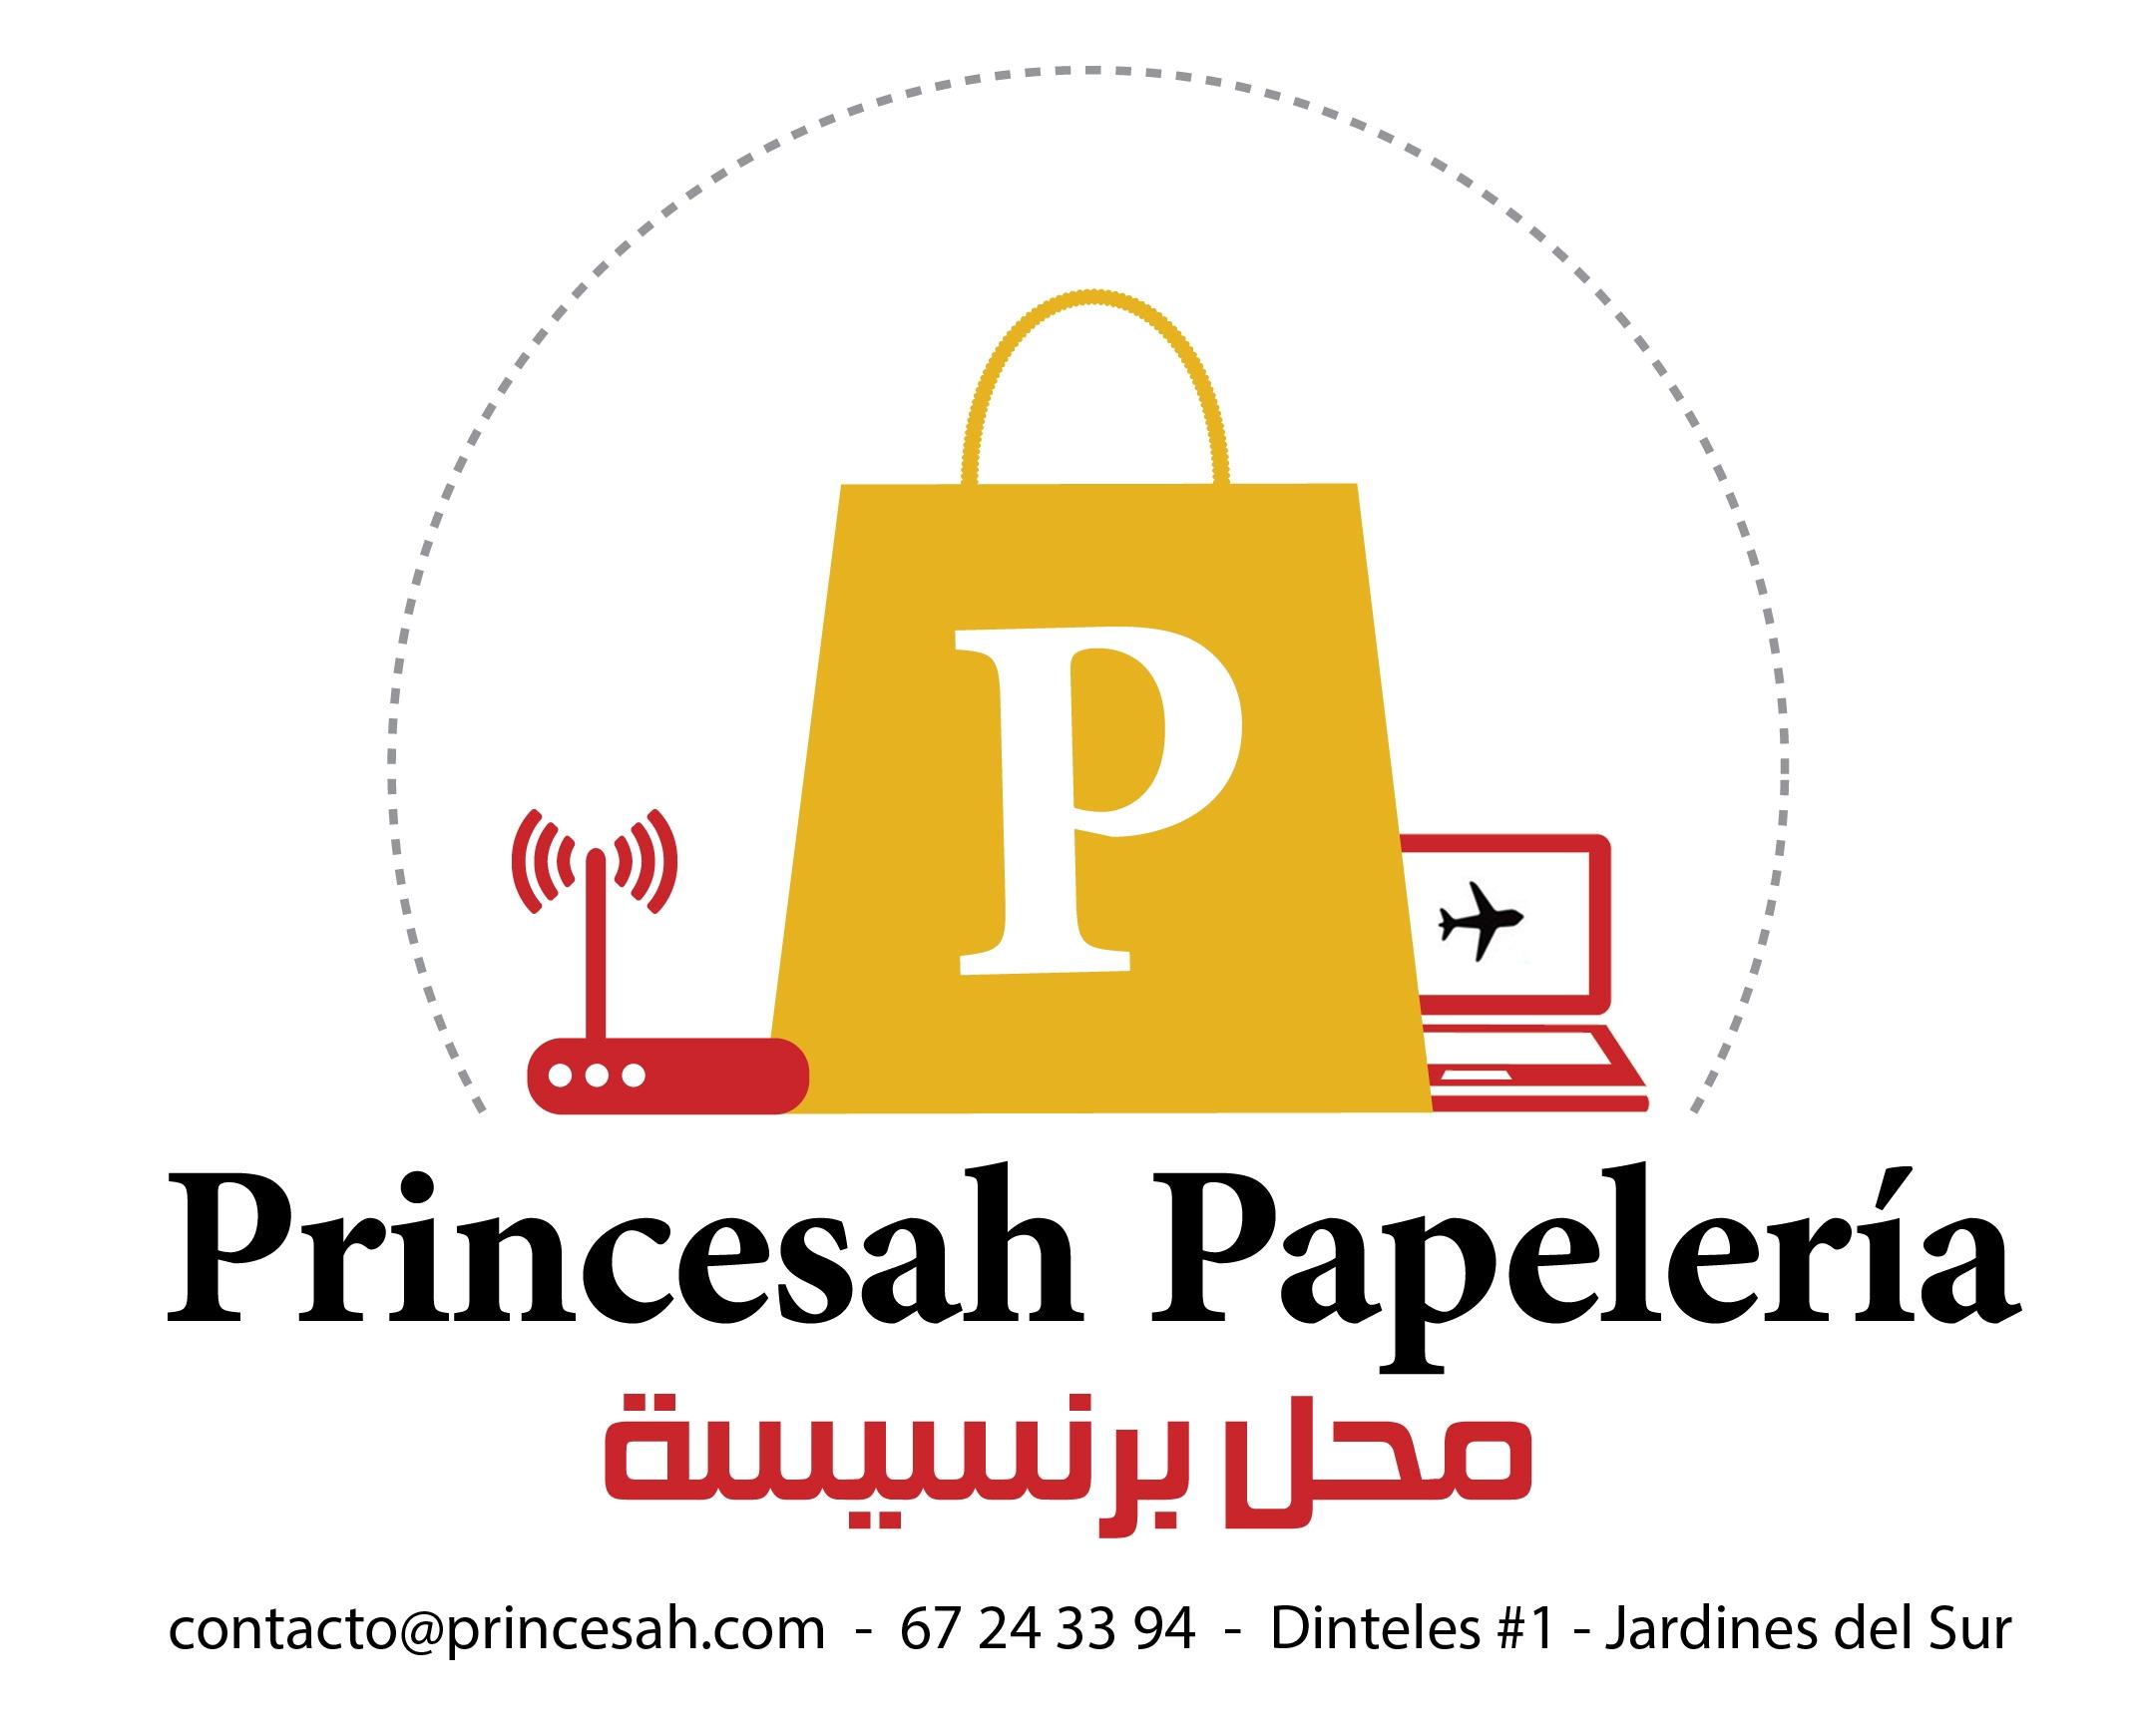 PRINCESAH PAPELERIA